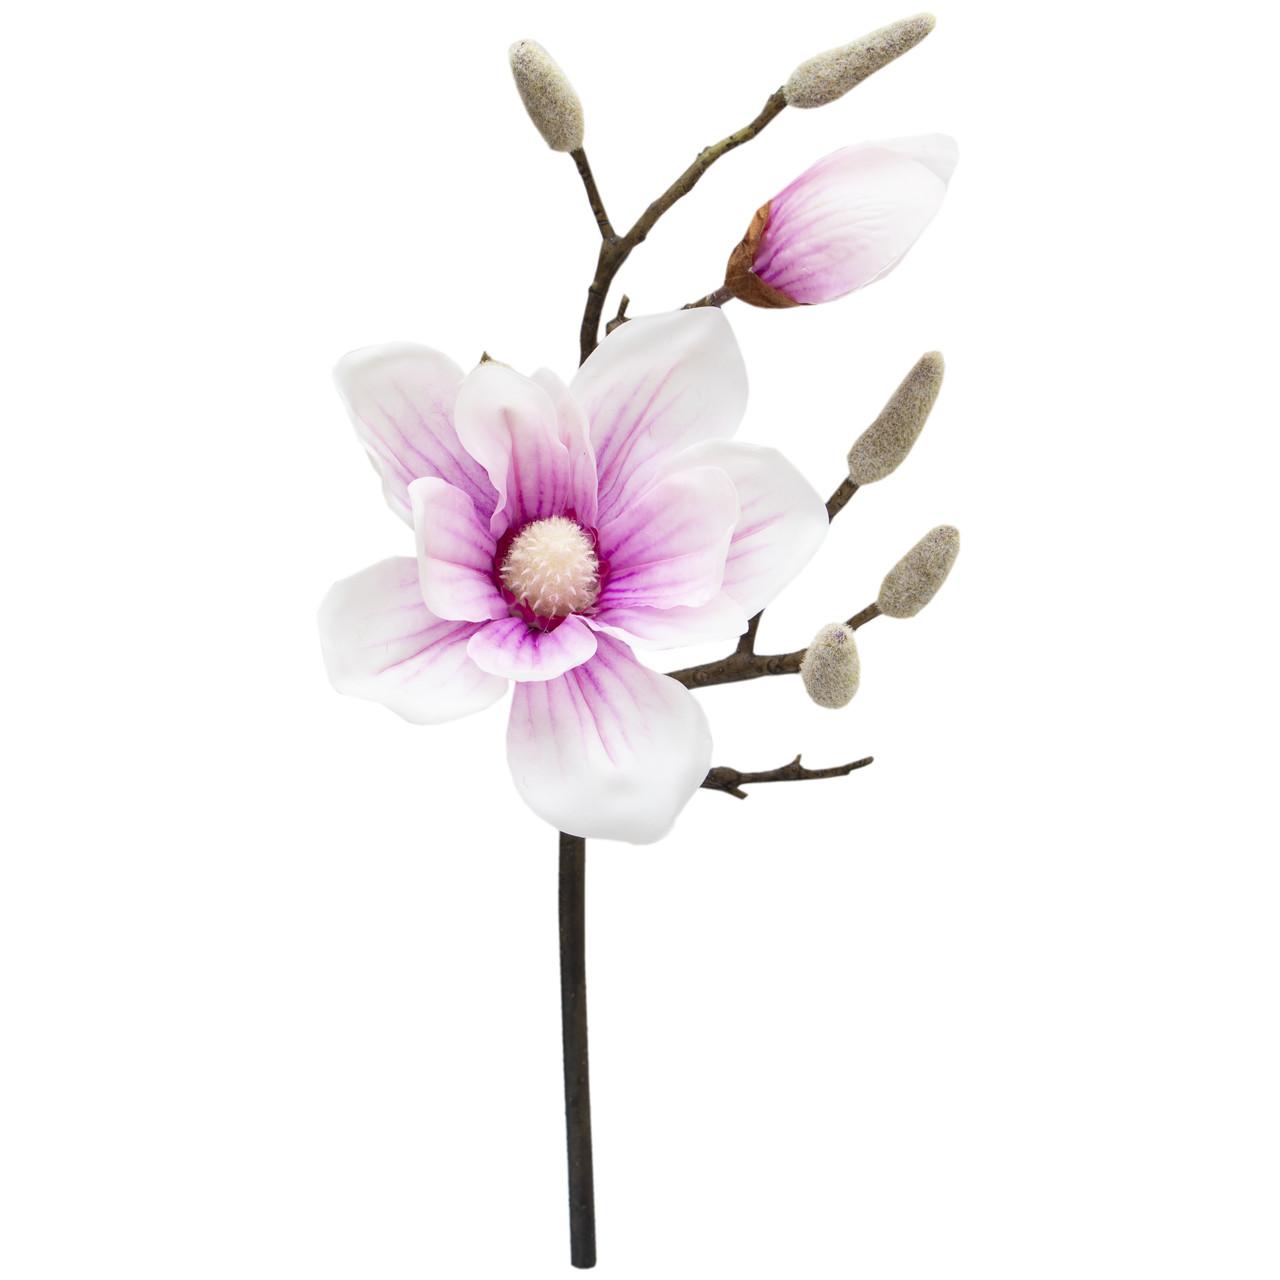 Штучна квітка Магнолія, 45 см, біло-рожевий, тканина, пластик (631482)